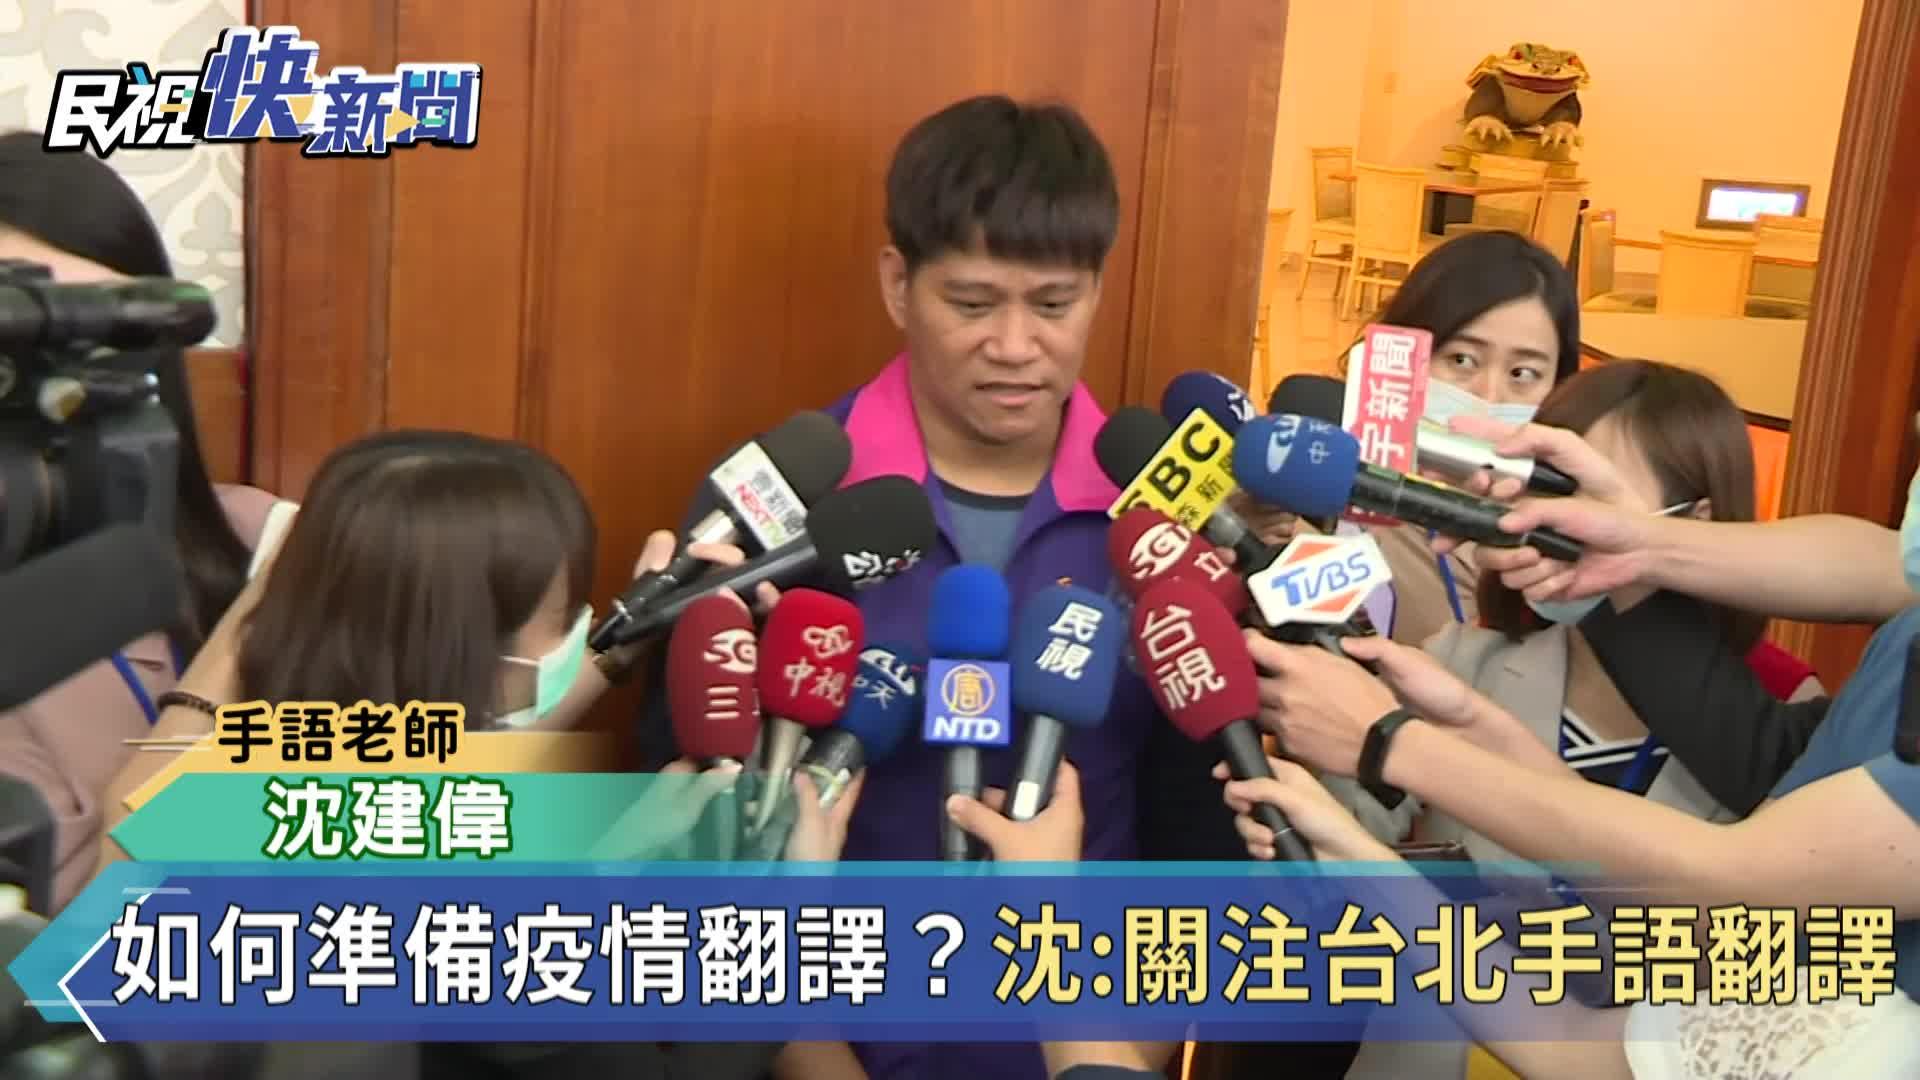 快新聞/指揮中心移師國境之南 新面孔手語老師引關注